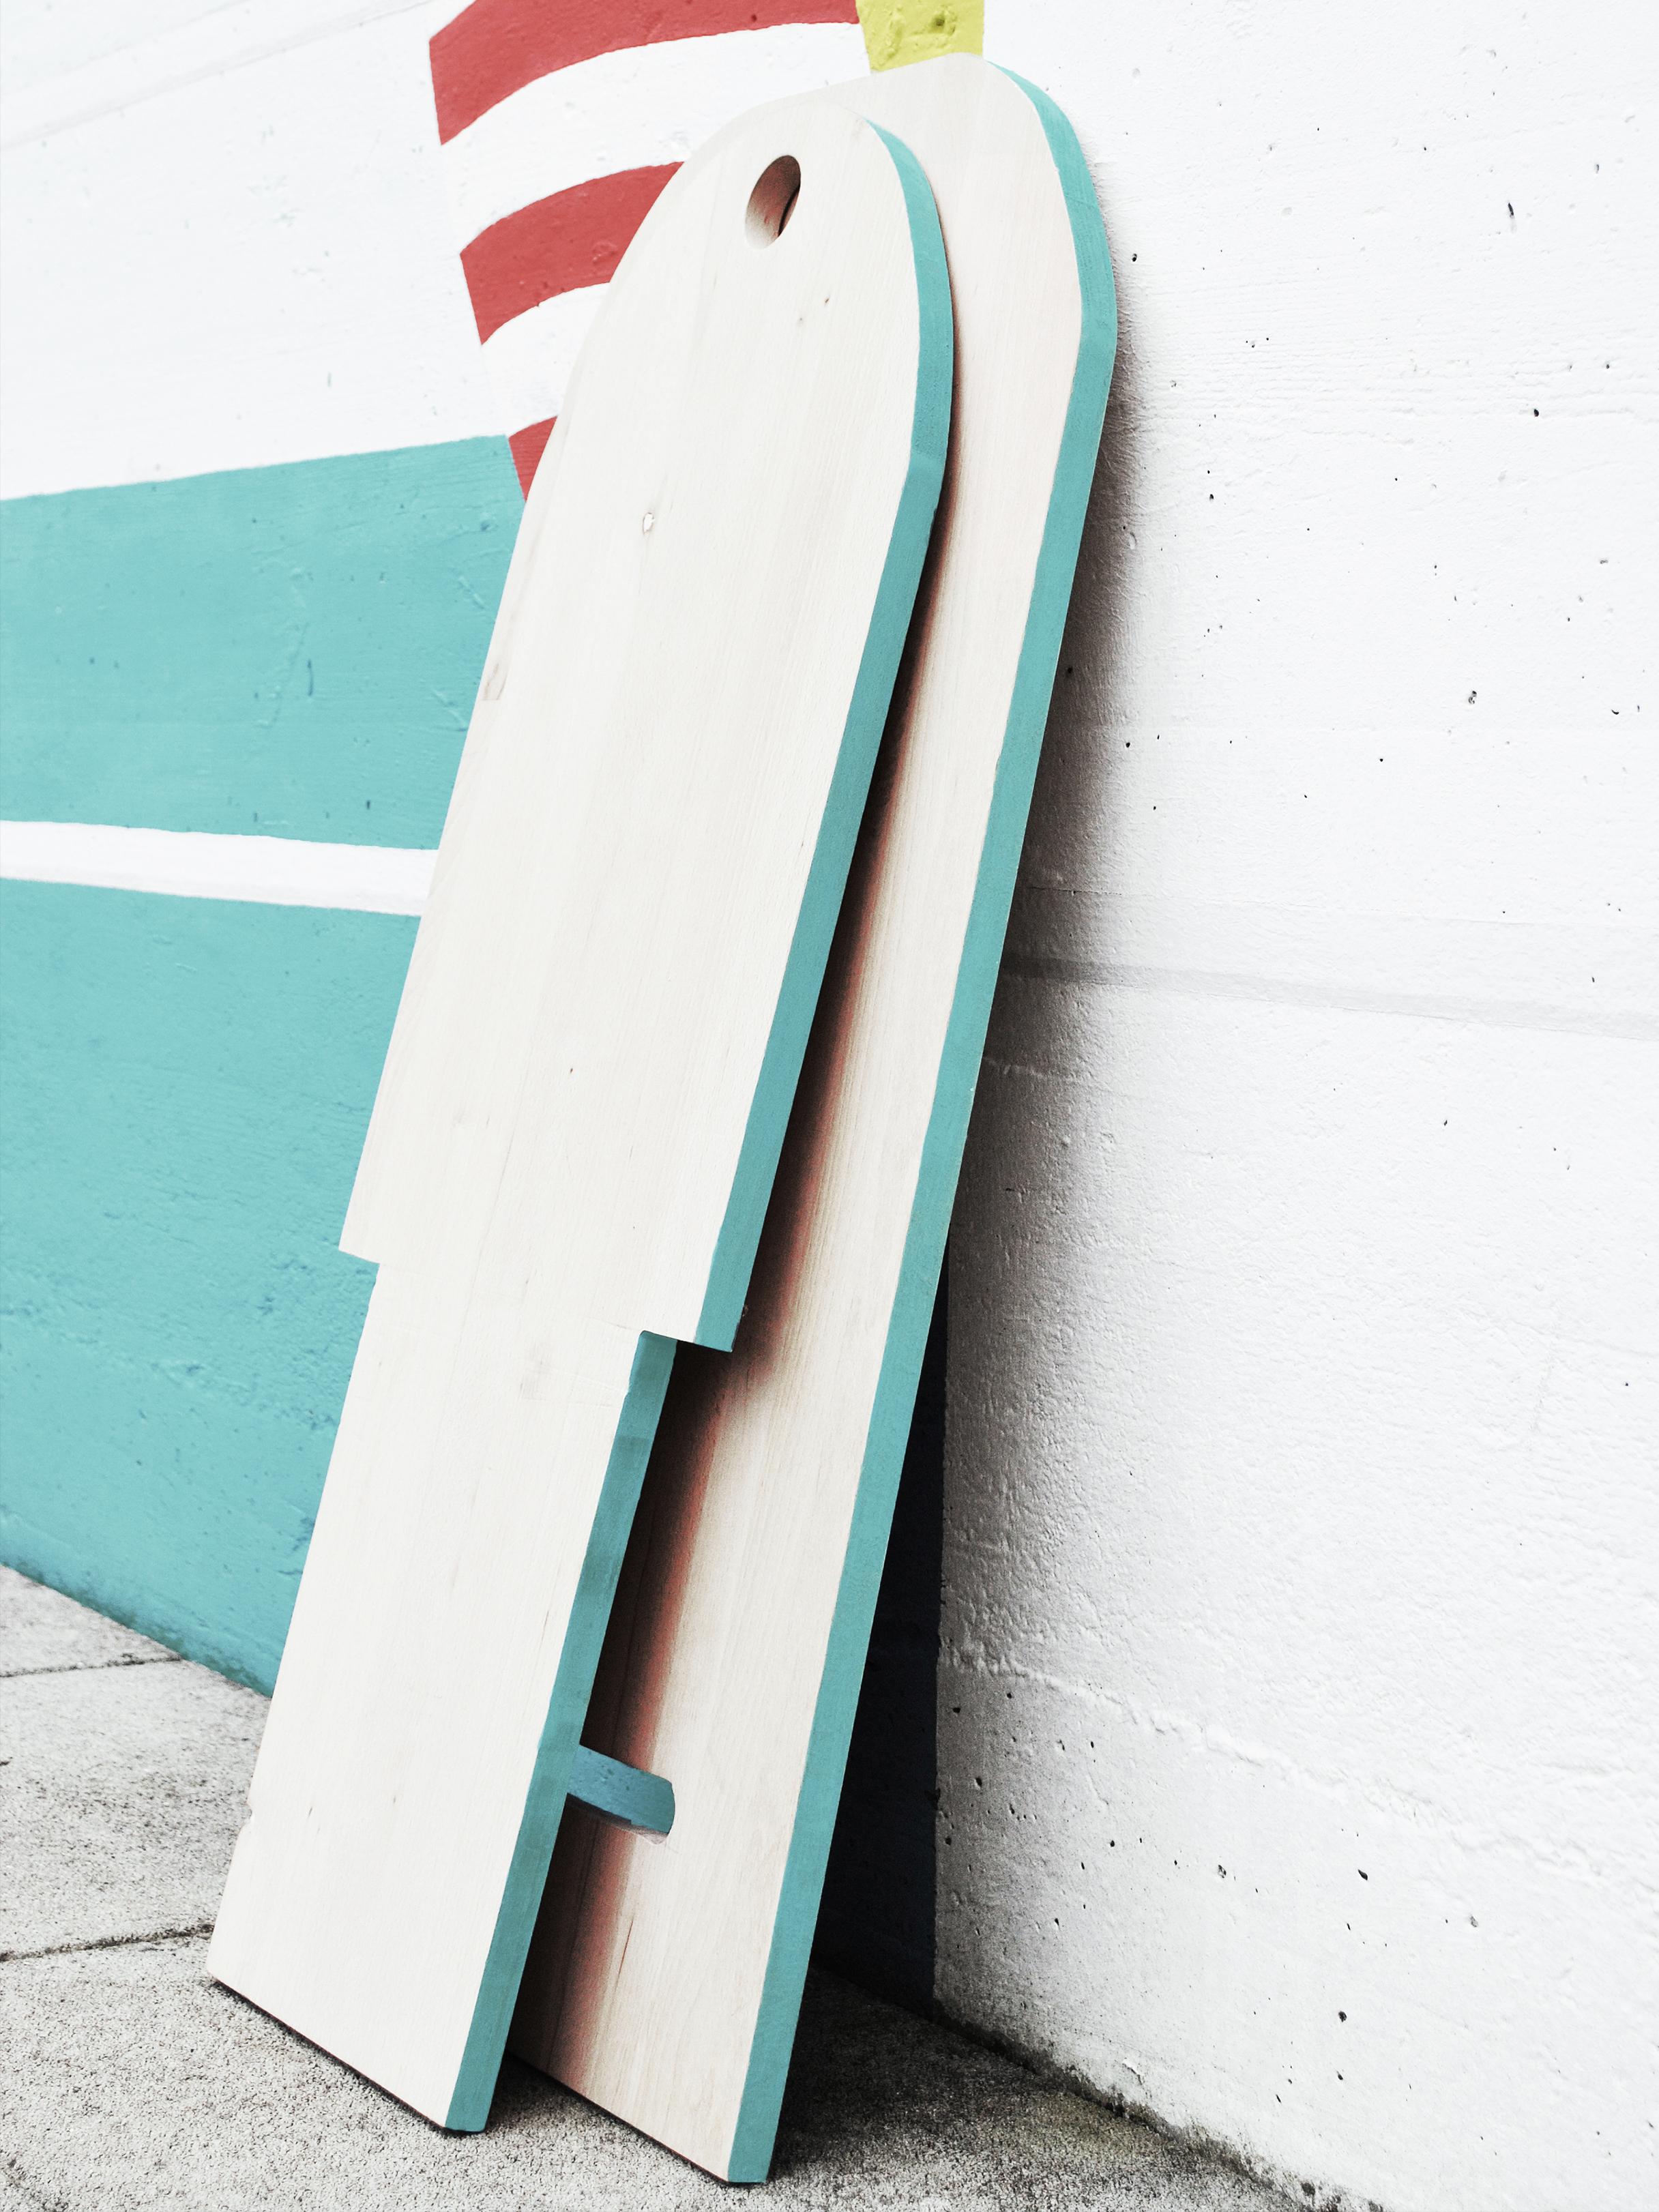 vp-surfbrett-6.jpg